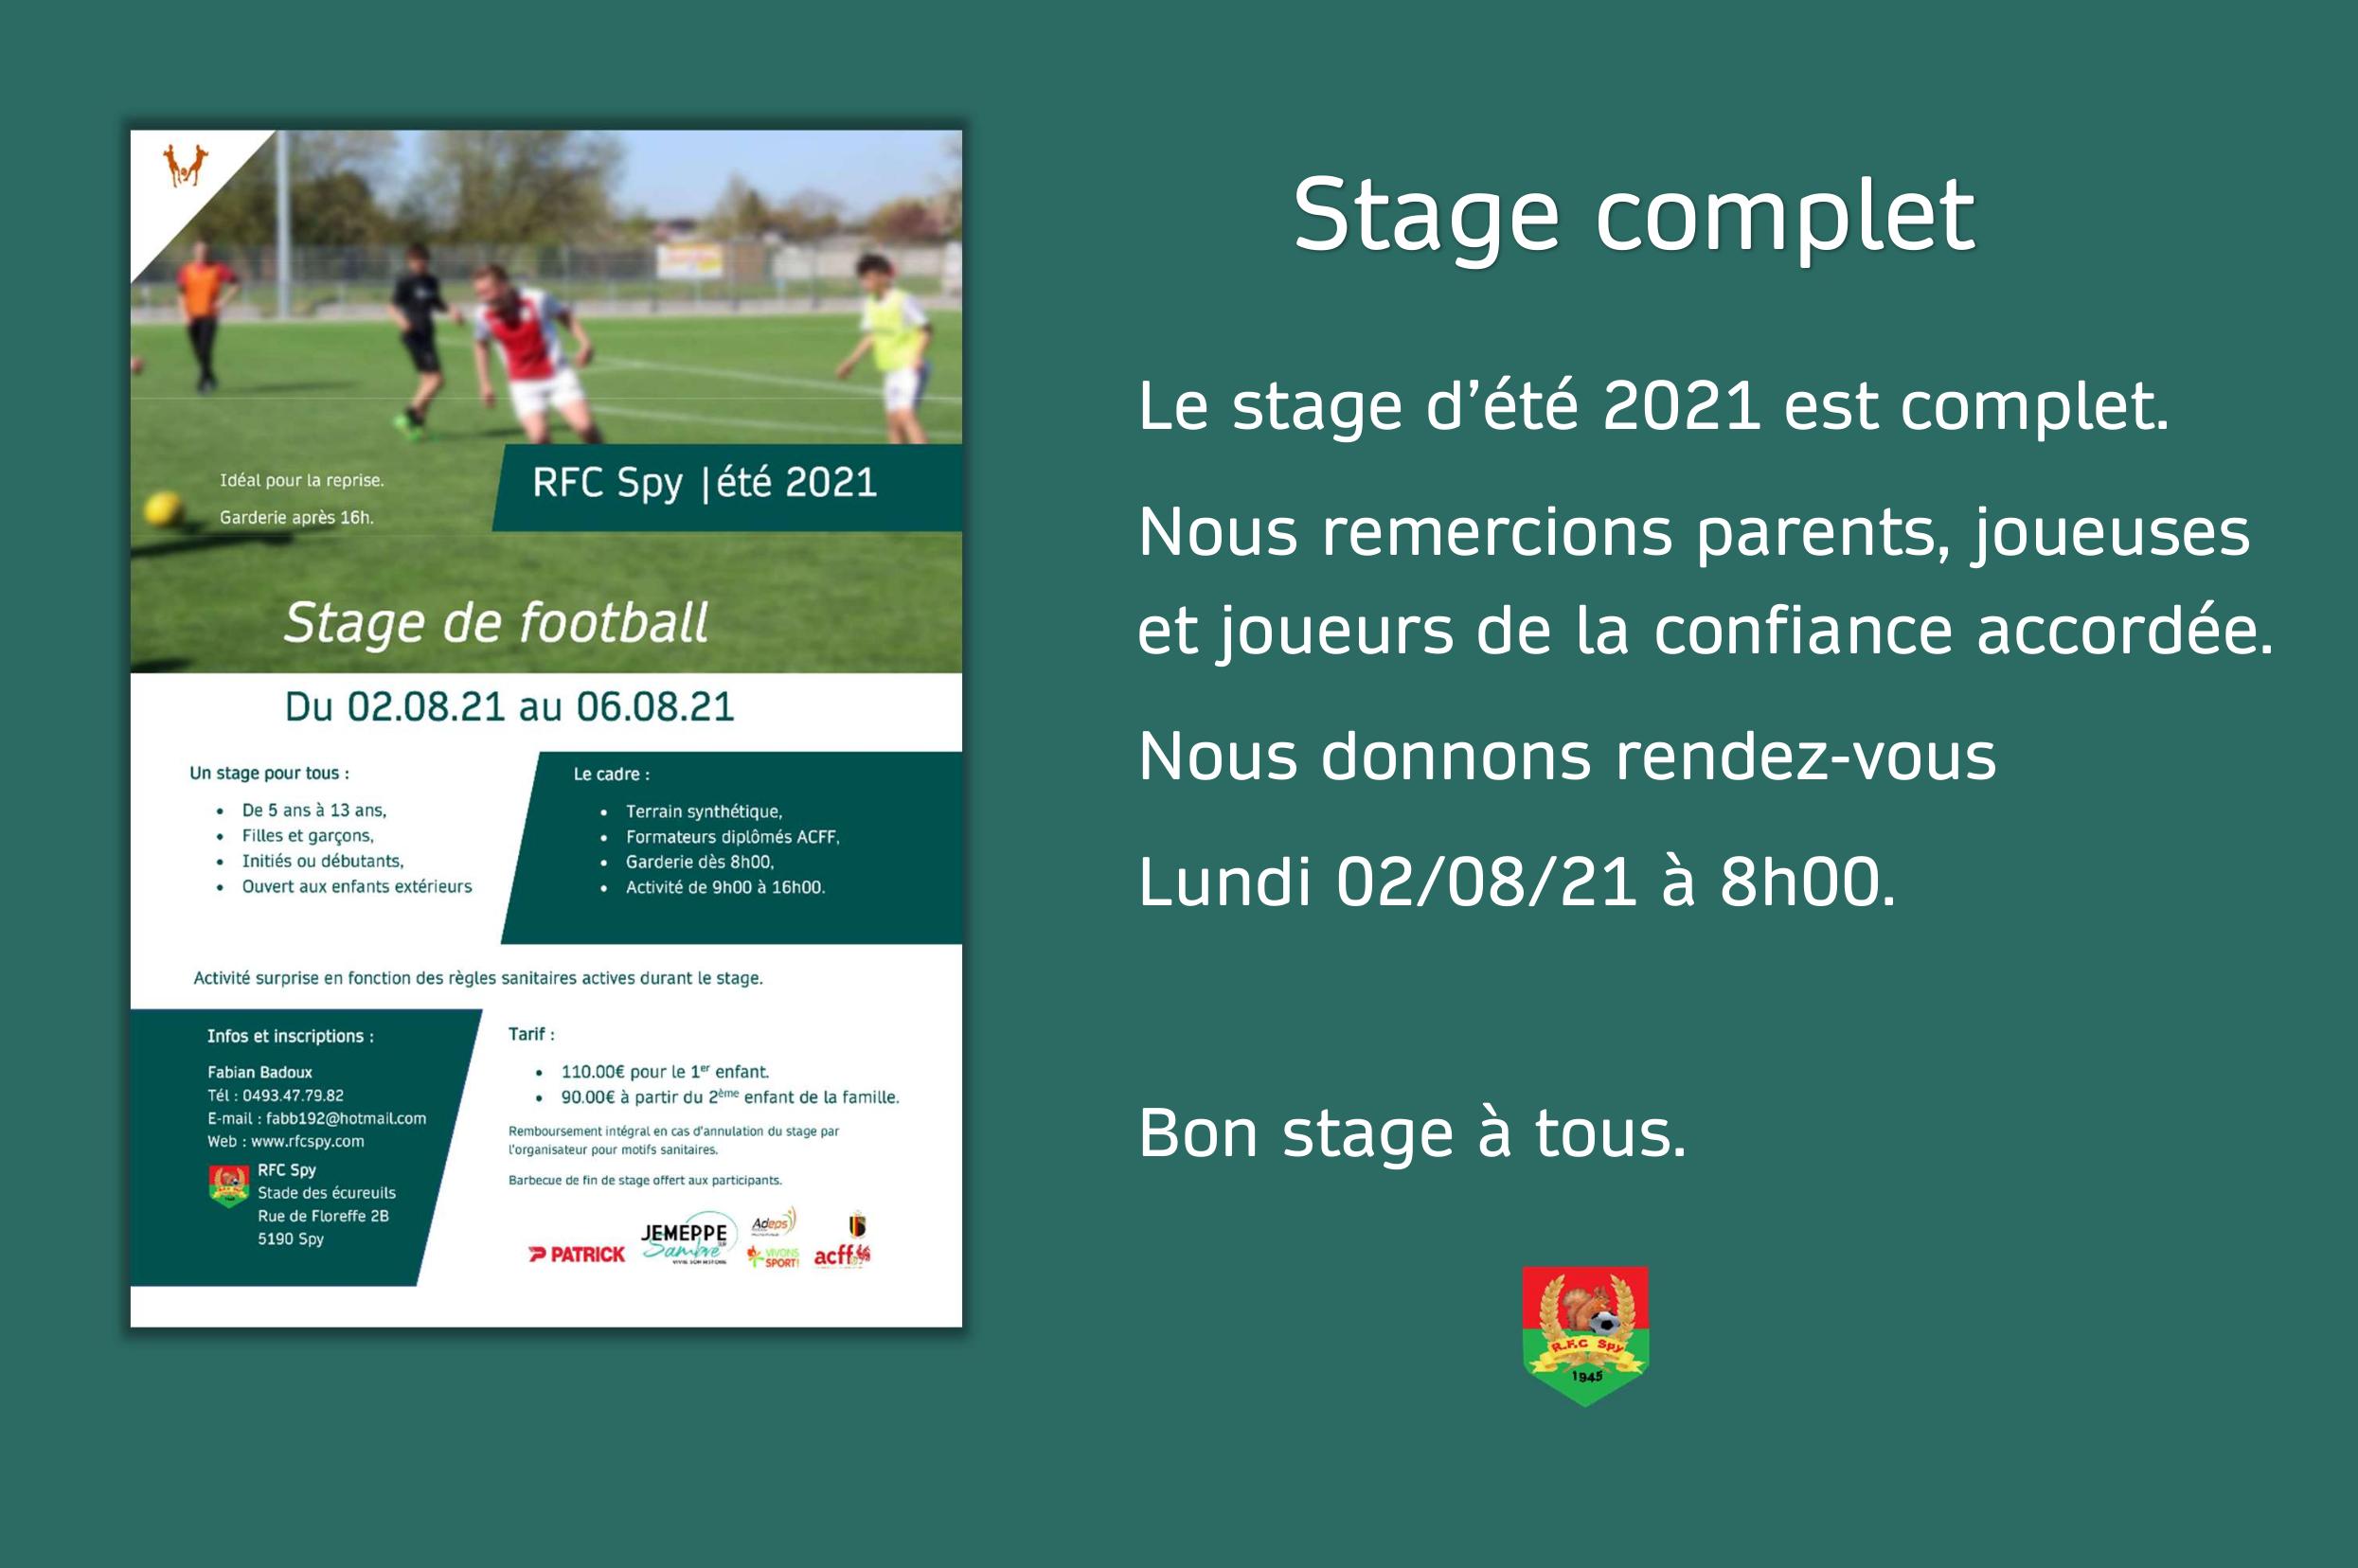 Stage d'été 2021 affiche complet